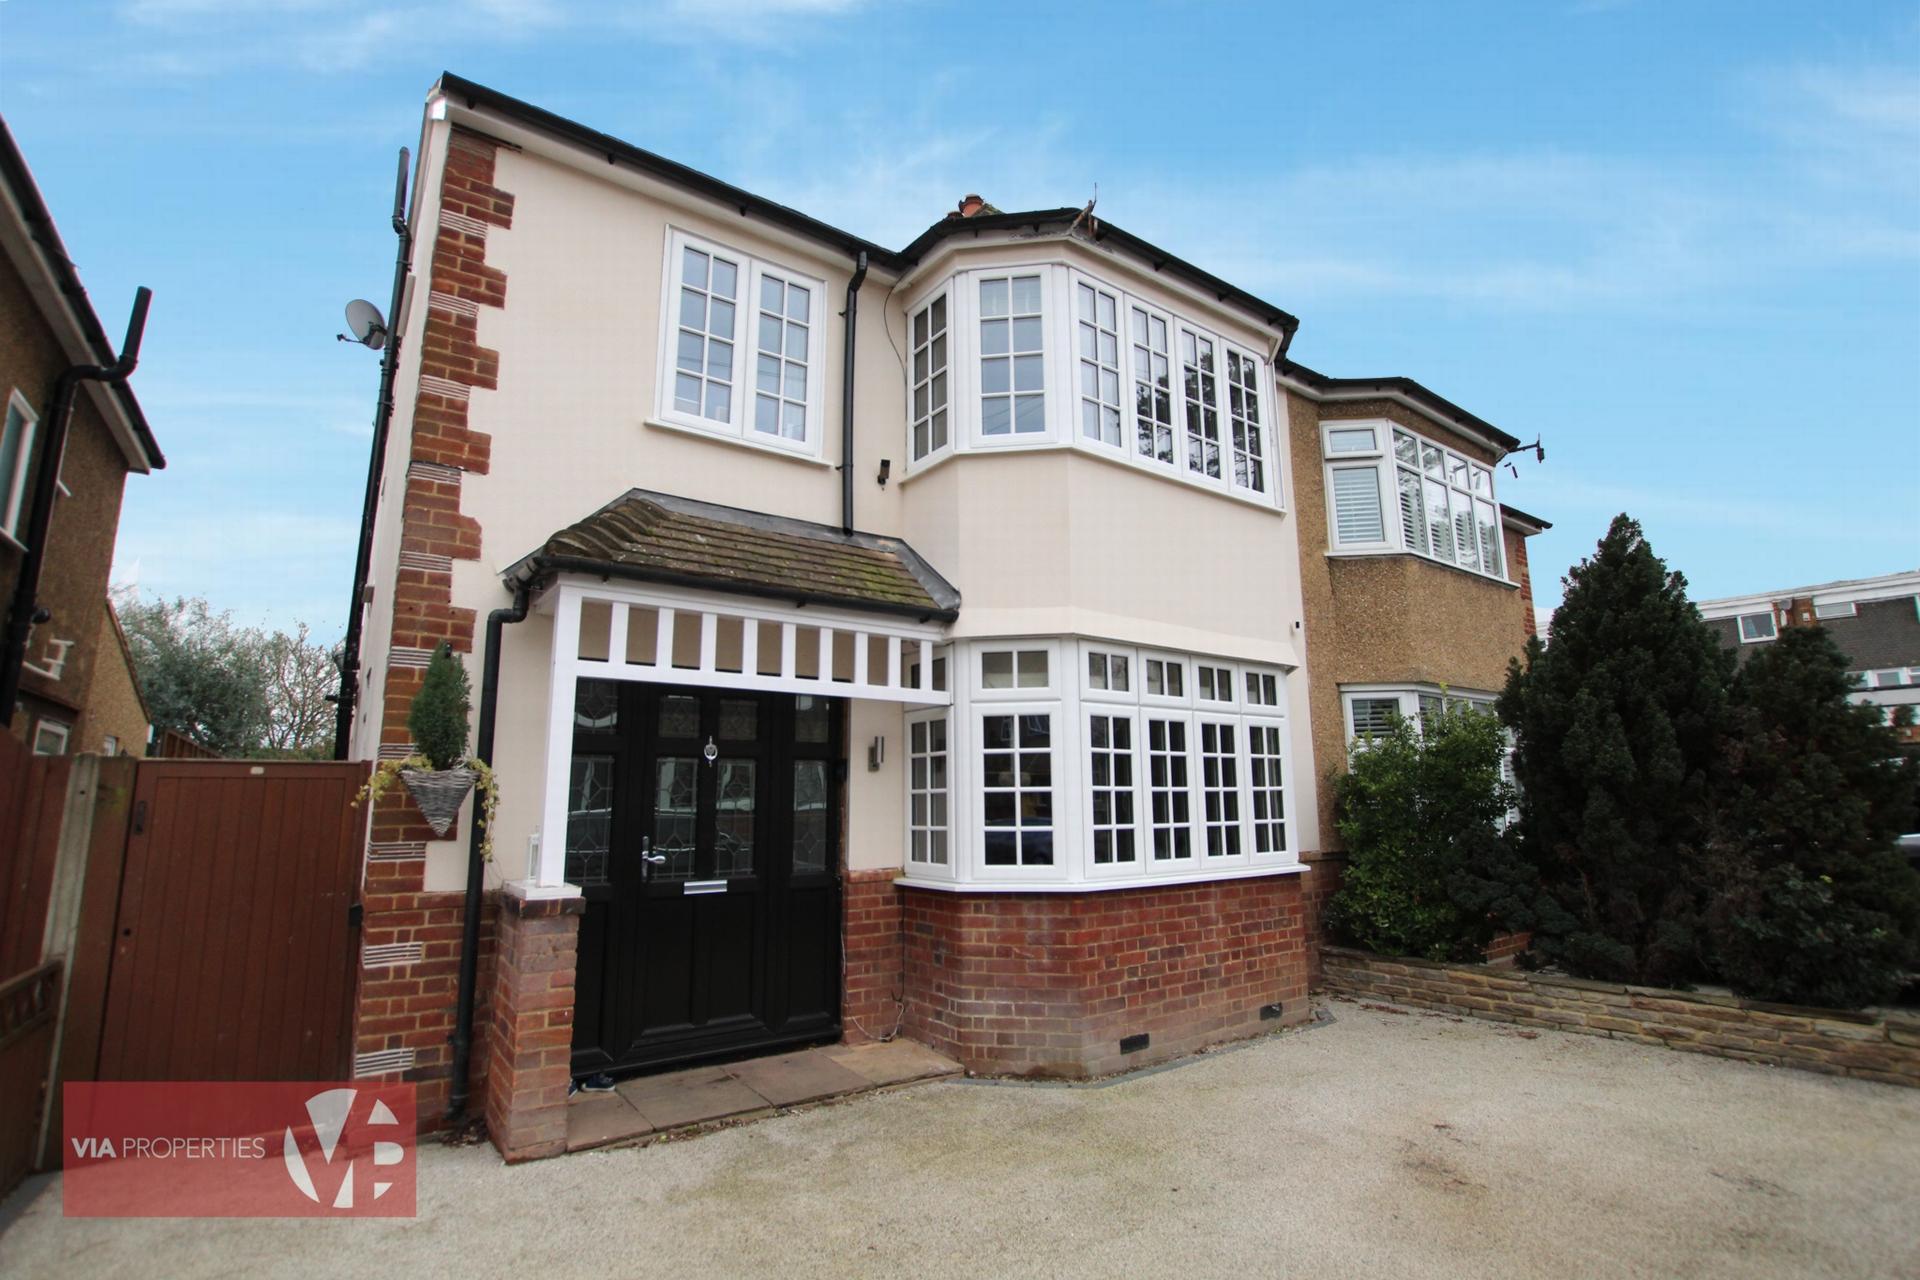 Grosvenor Road, Broxbourne